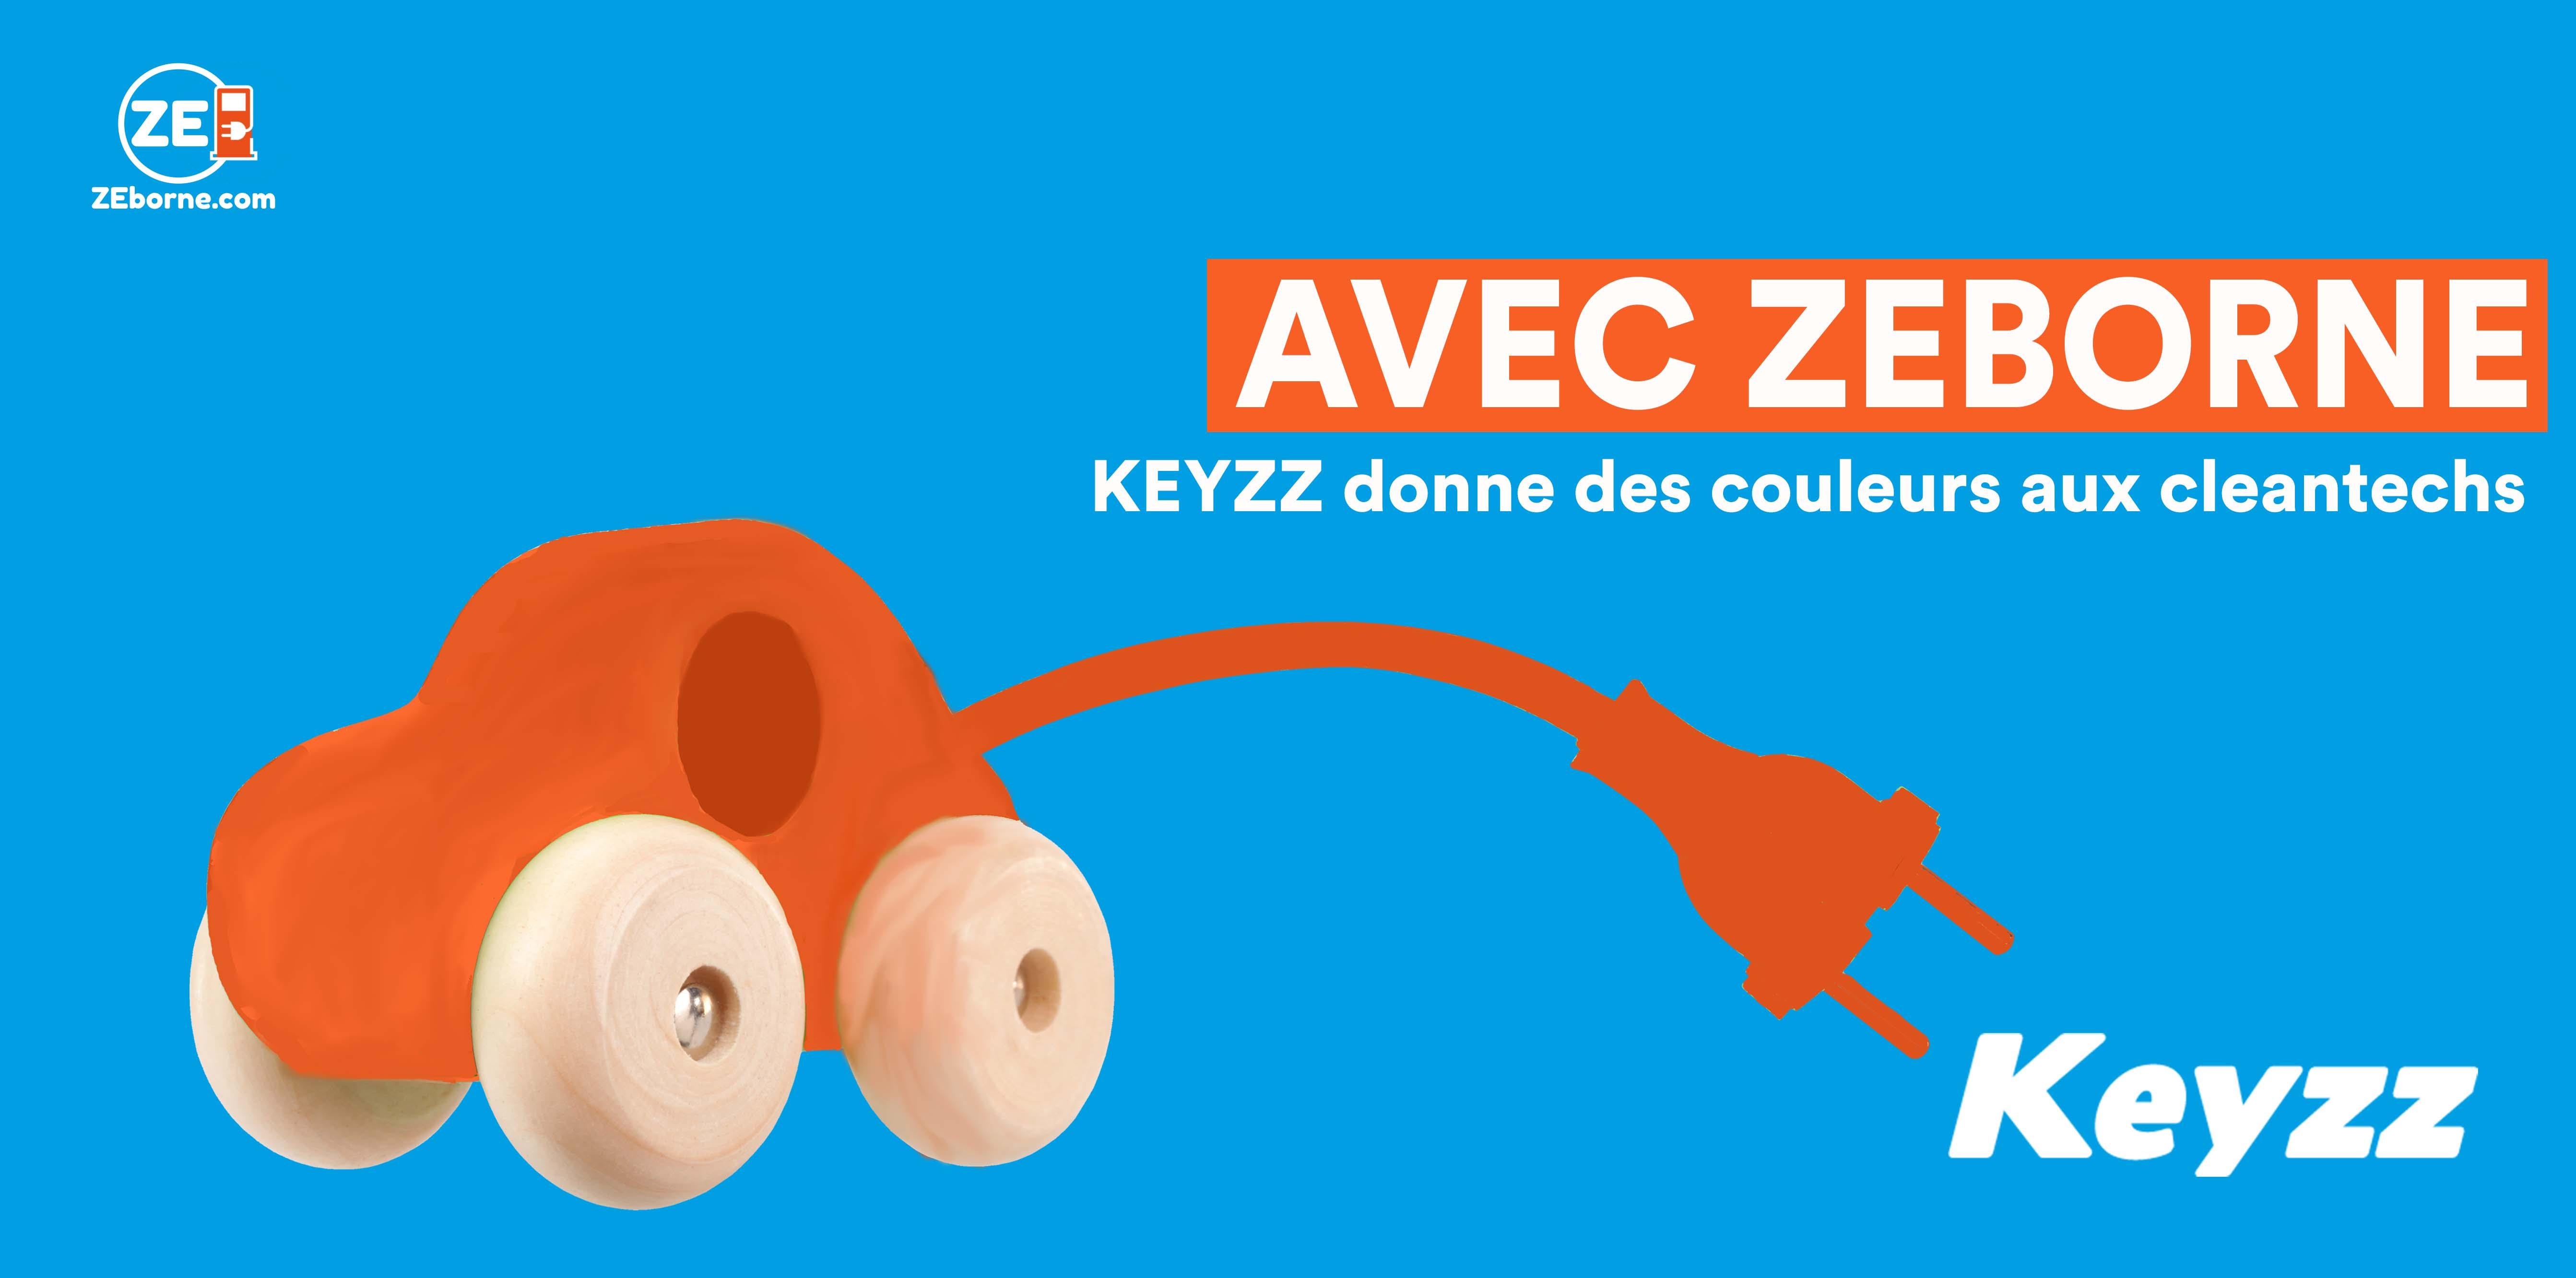 keyzz-Cleantech-écomobilité_Zeborne_TXT